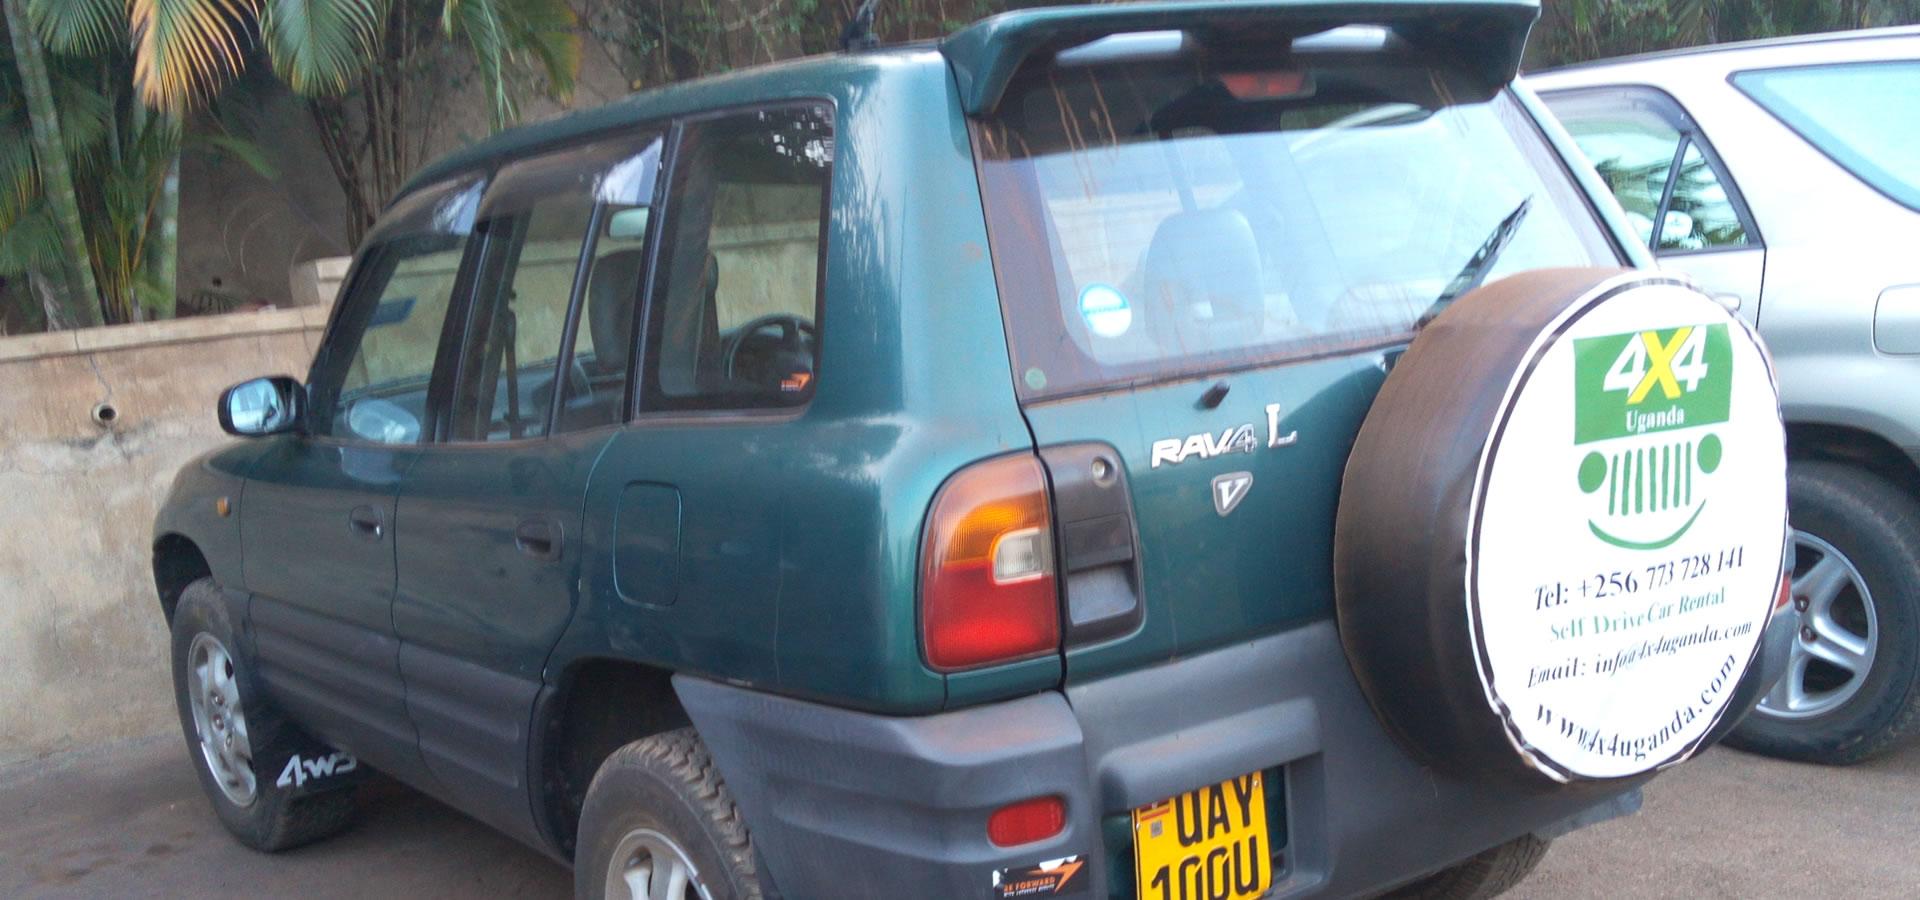 4X4 Rav4 for Hire in Uganda